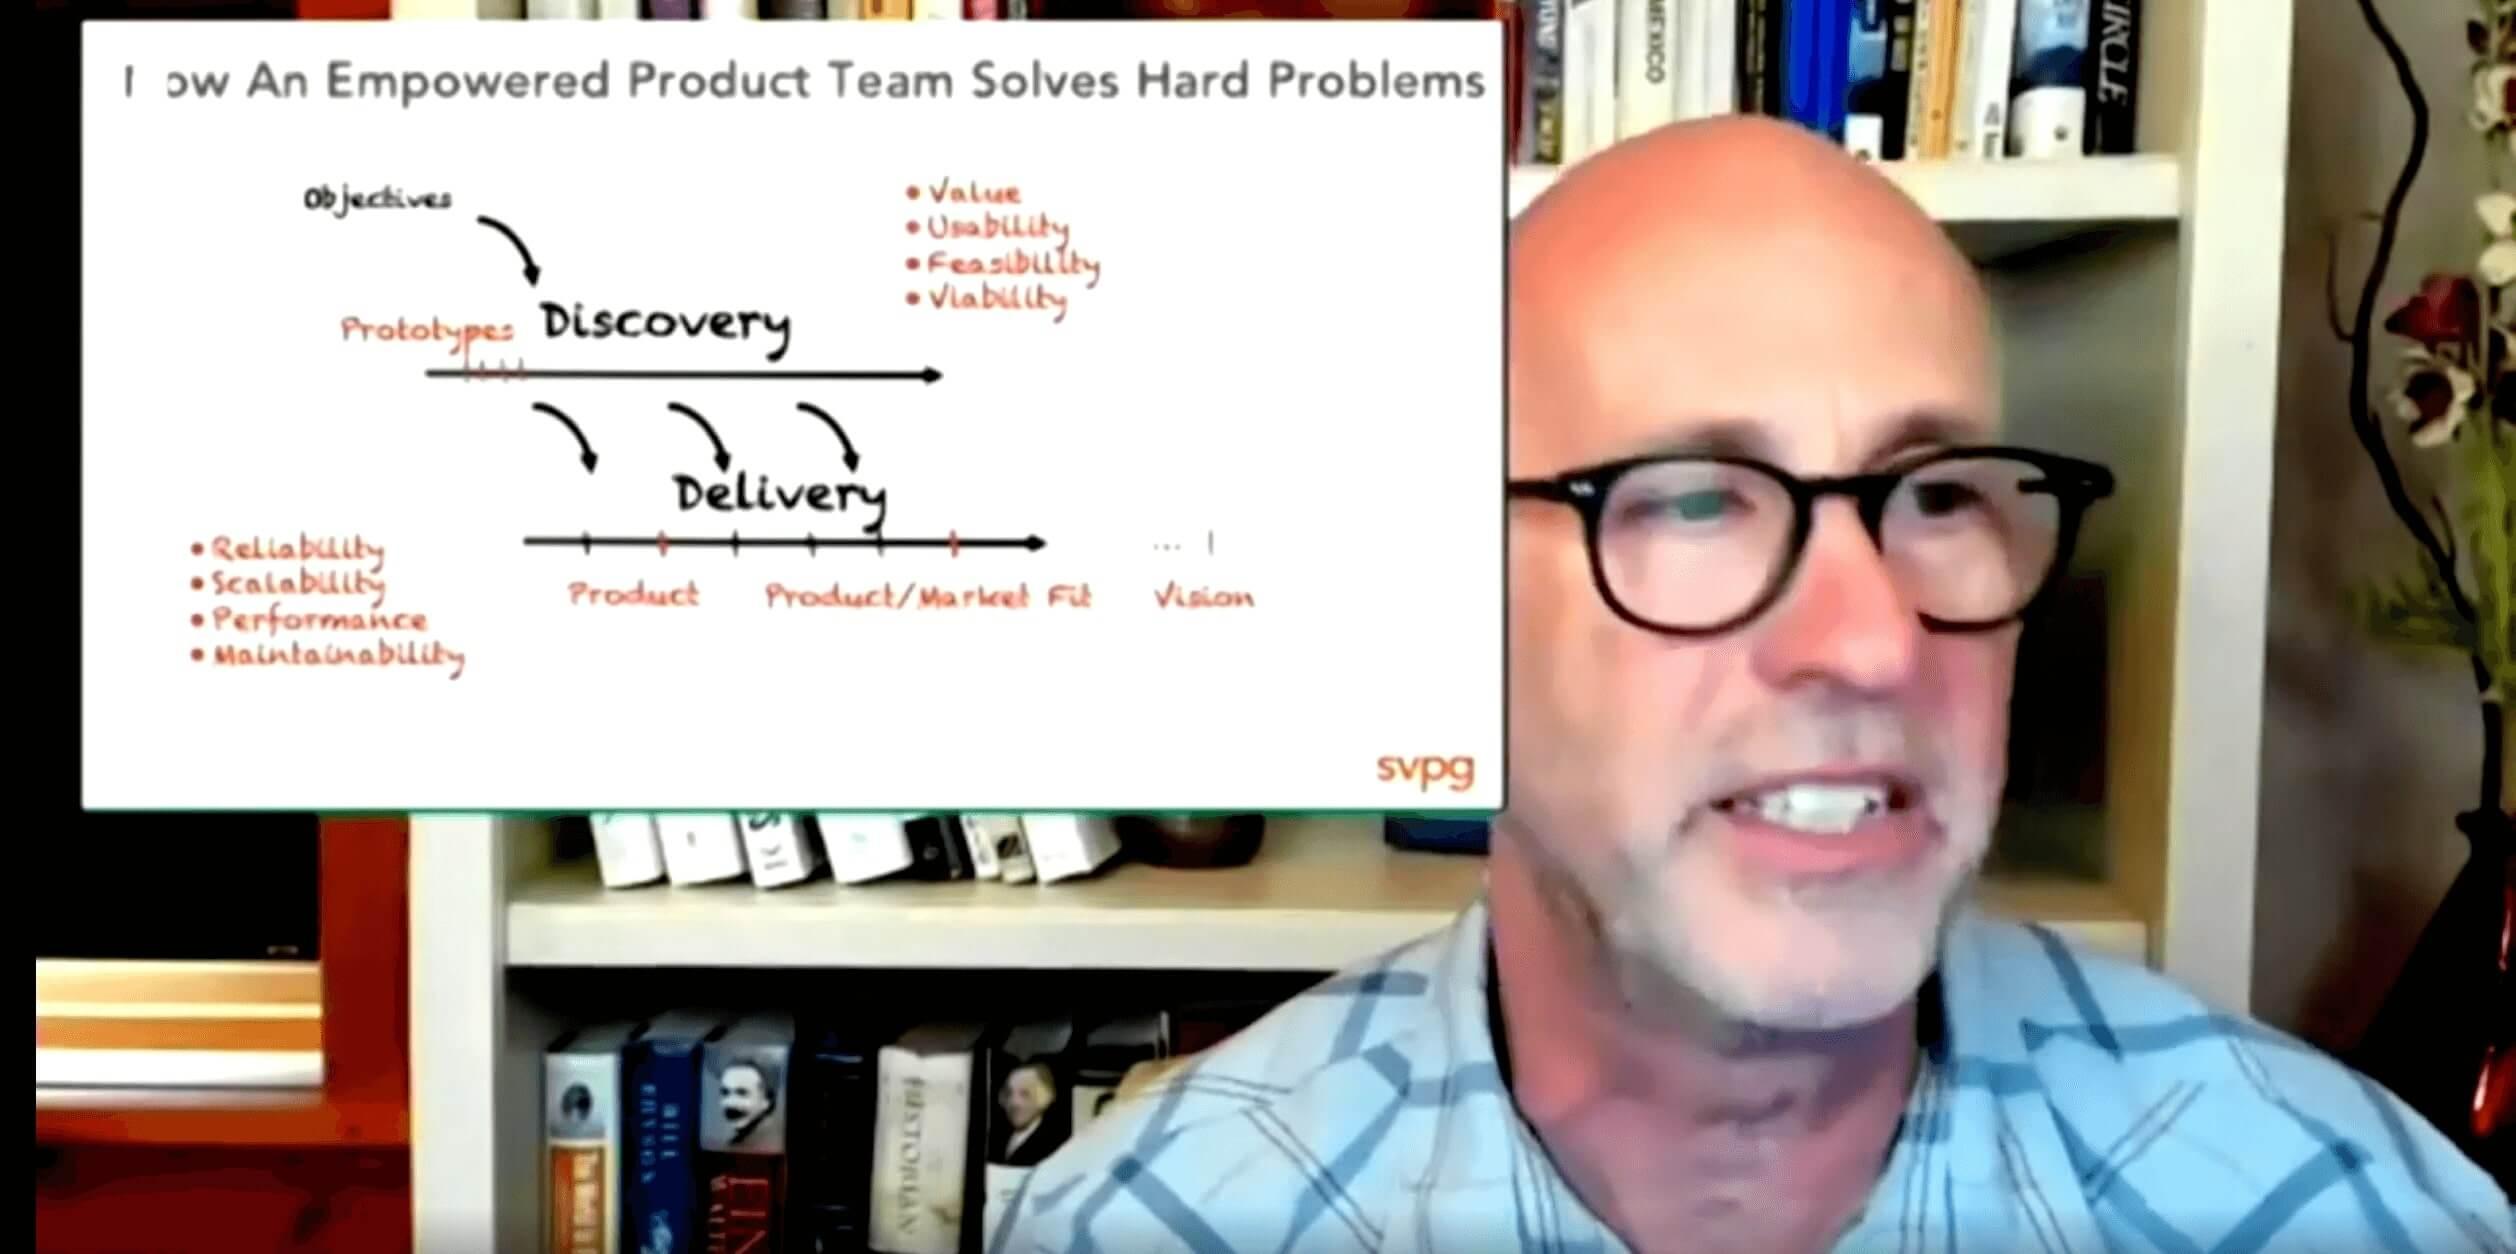 Imagem mostrando desenho sobre Dual Track de Delivery e Discovery de produto